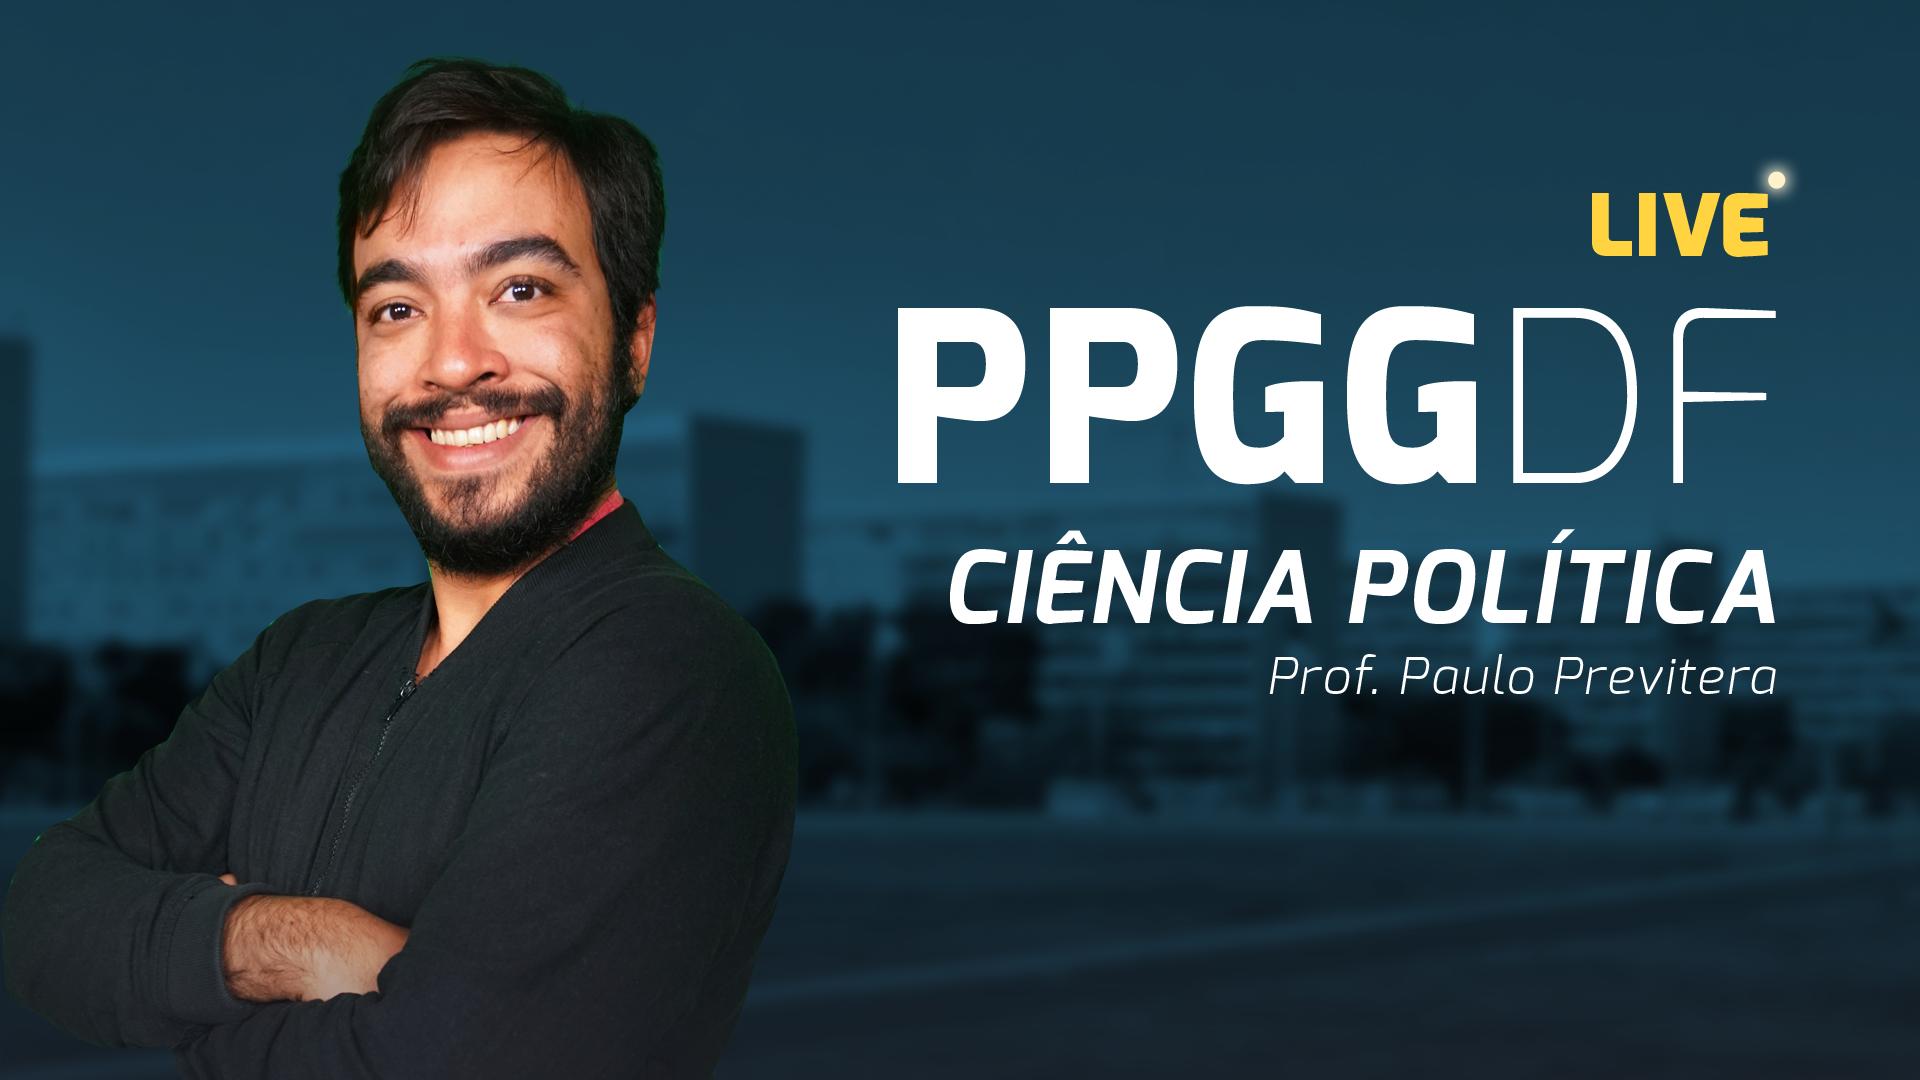 Lives PPGG - Ciência Politica